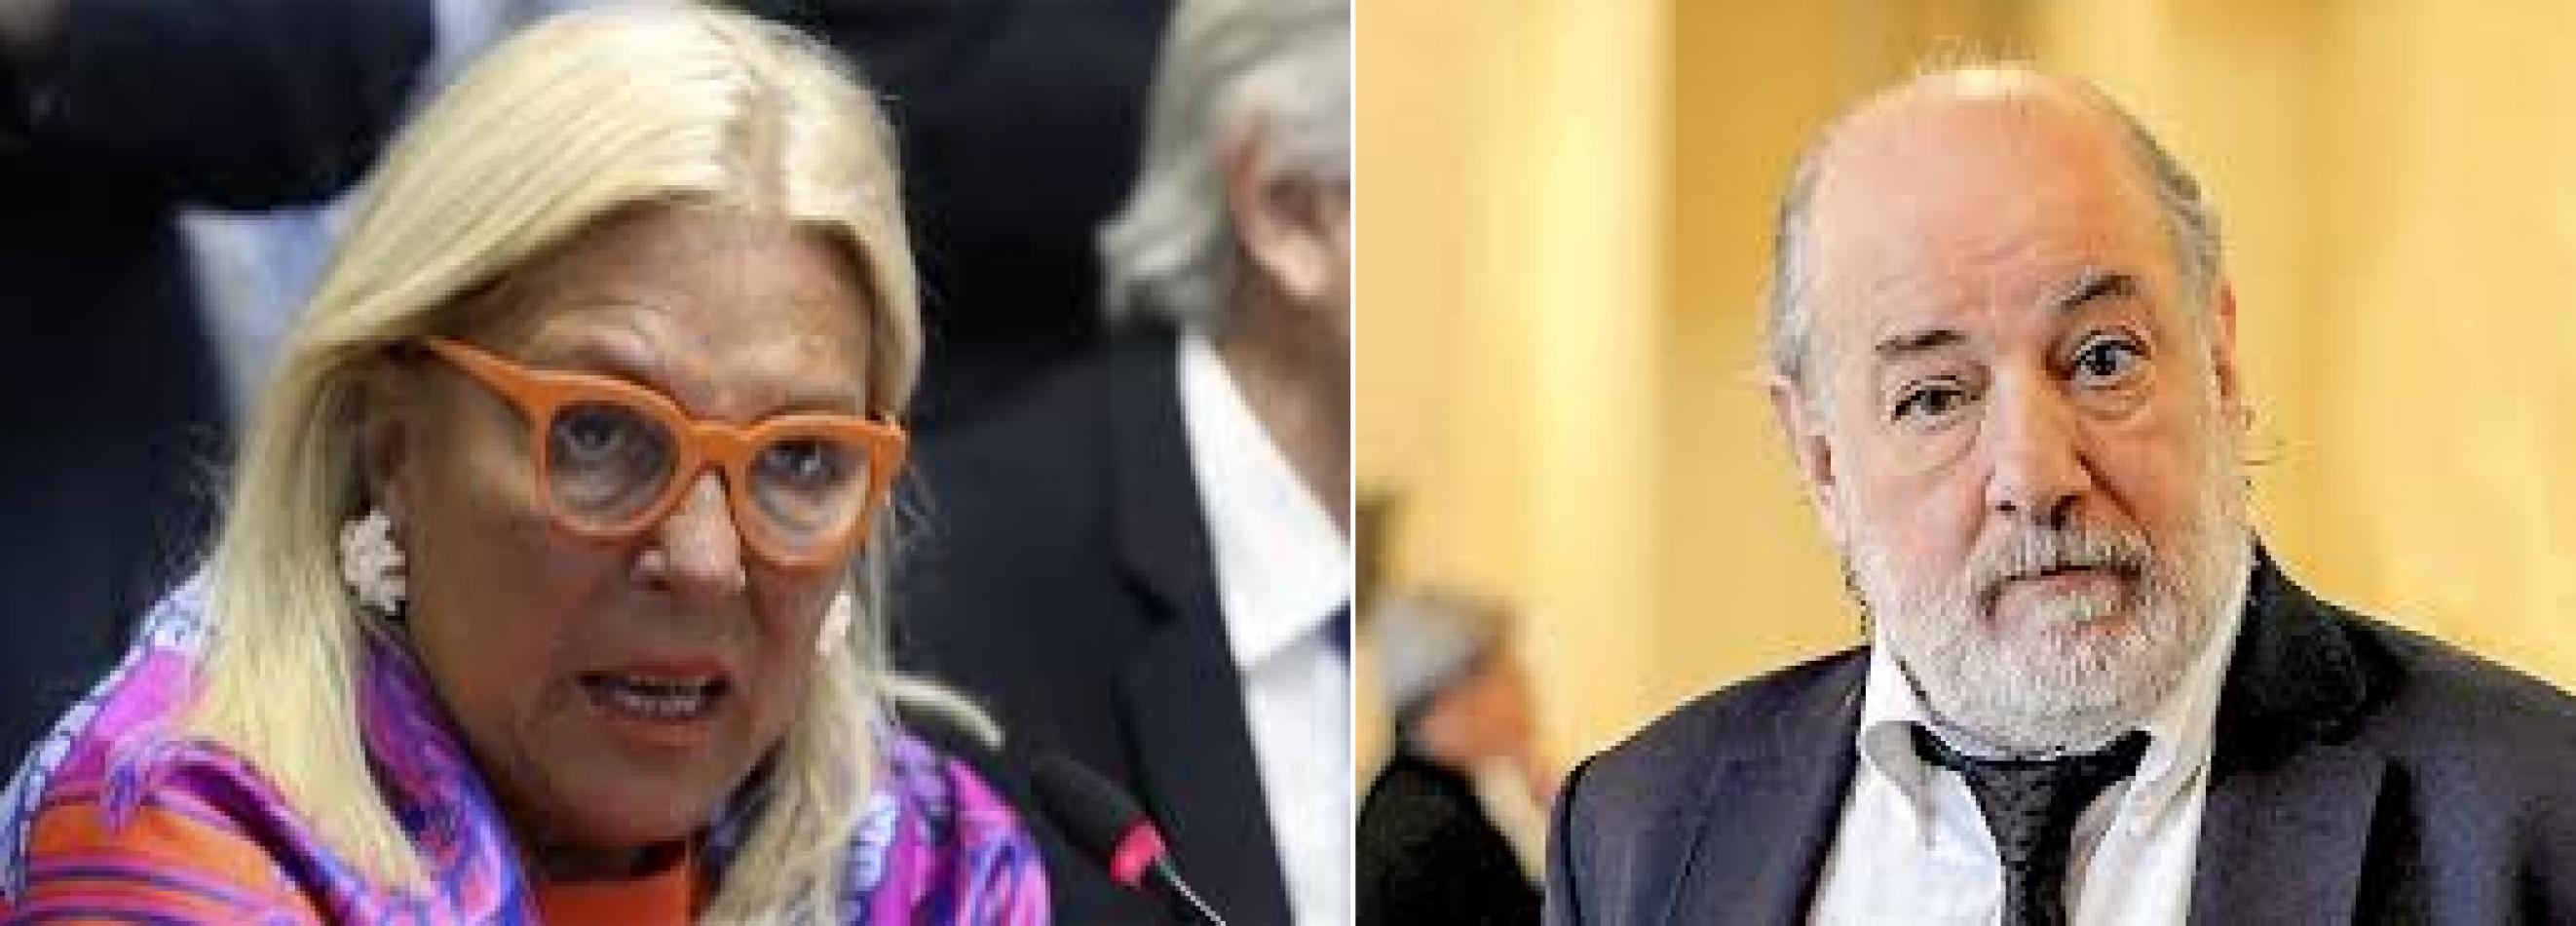 El Juez Ramos Padilla notificó sobre las acusaciones que existen en su contra a Claudio Bonadío y Elisa Carrió